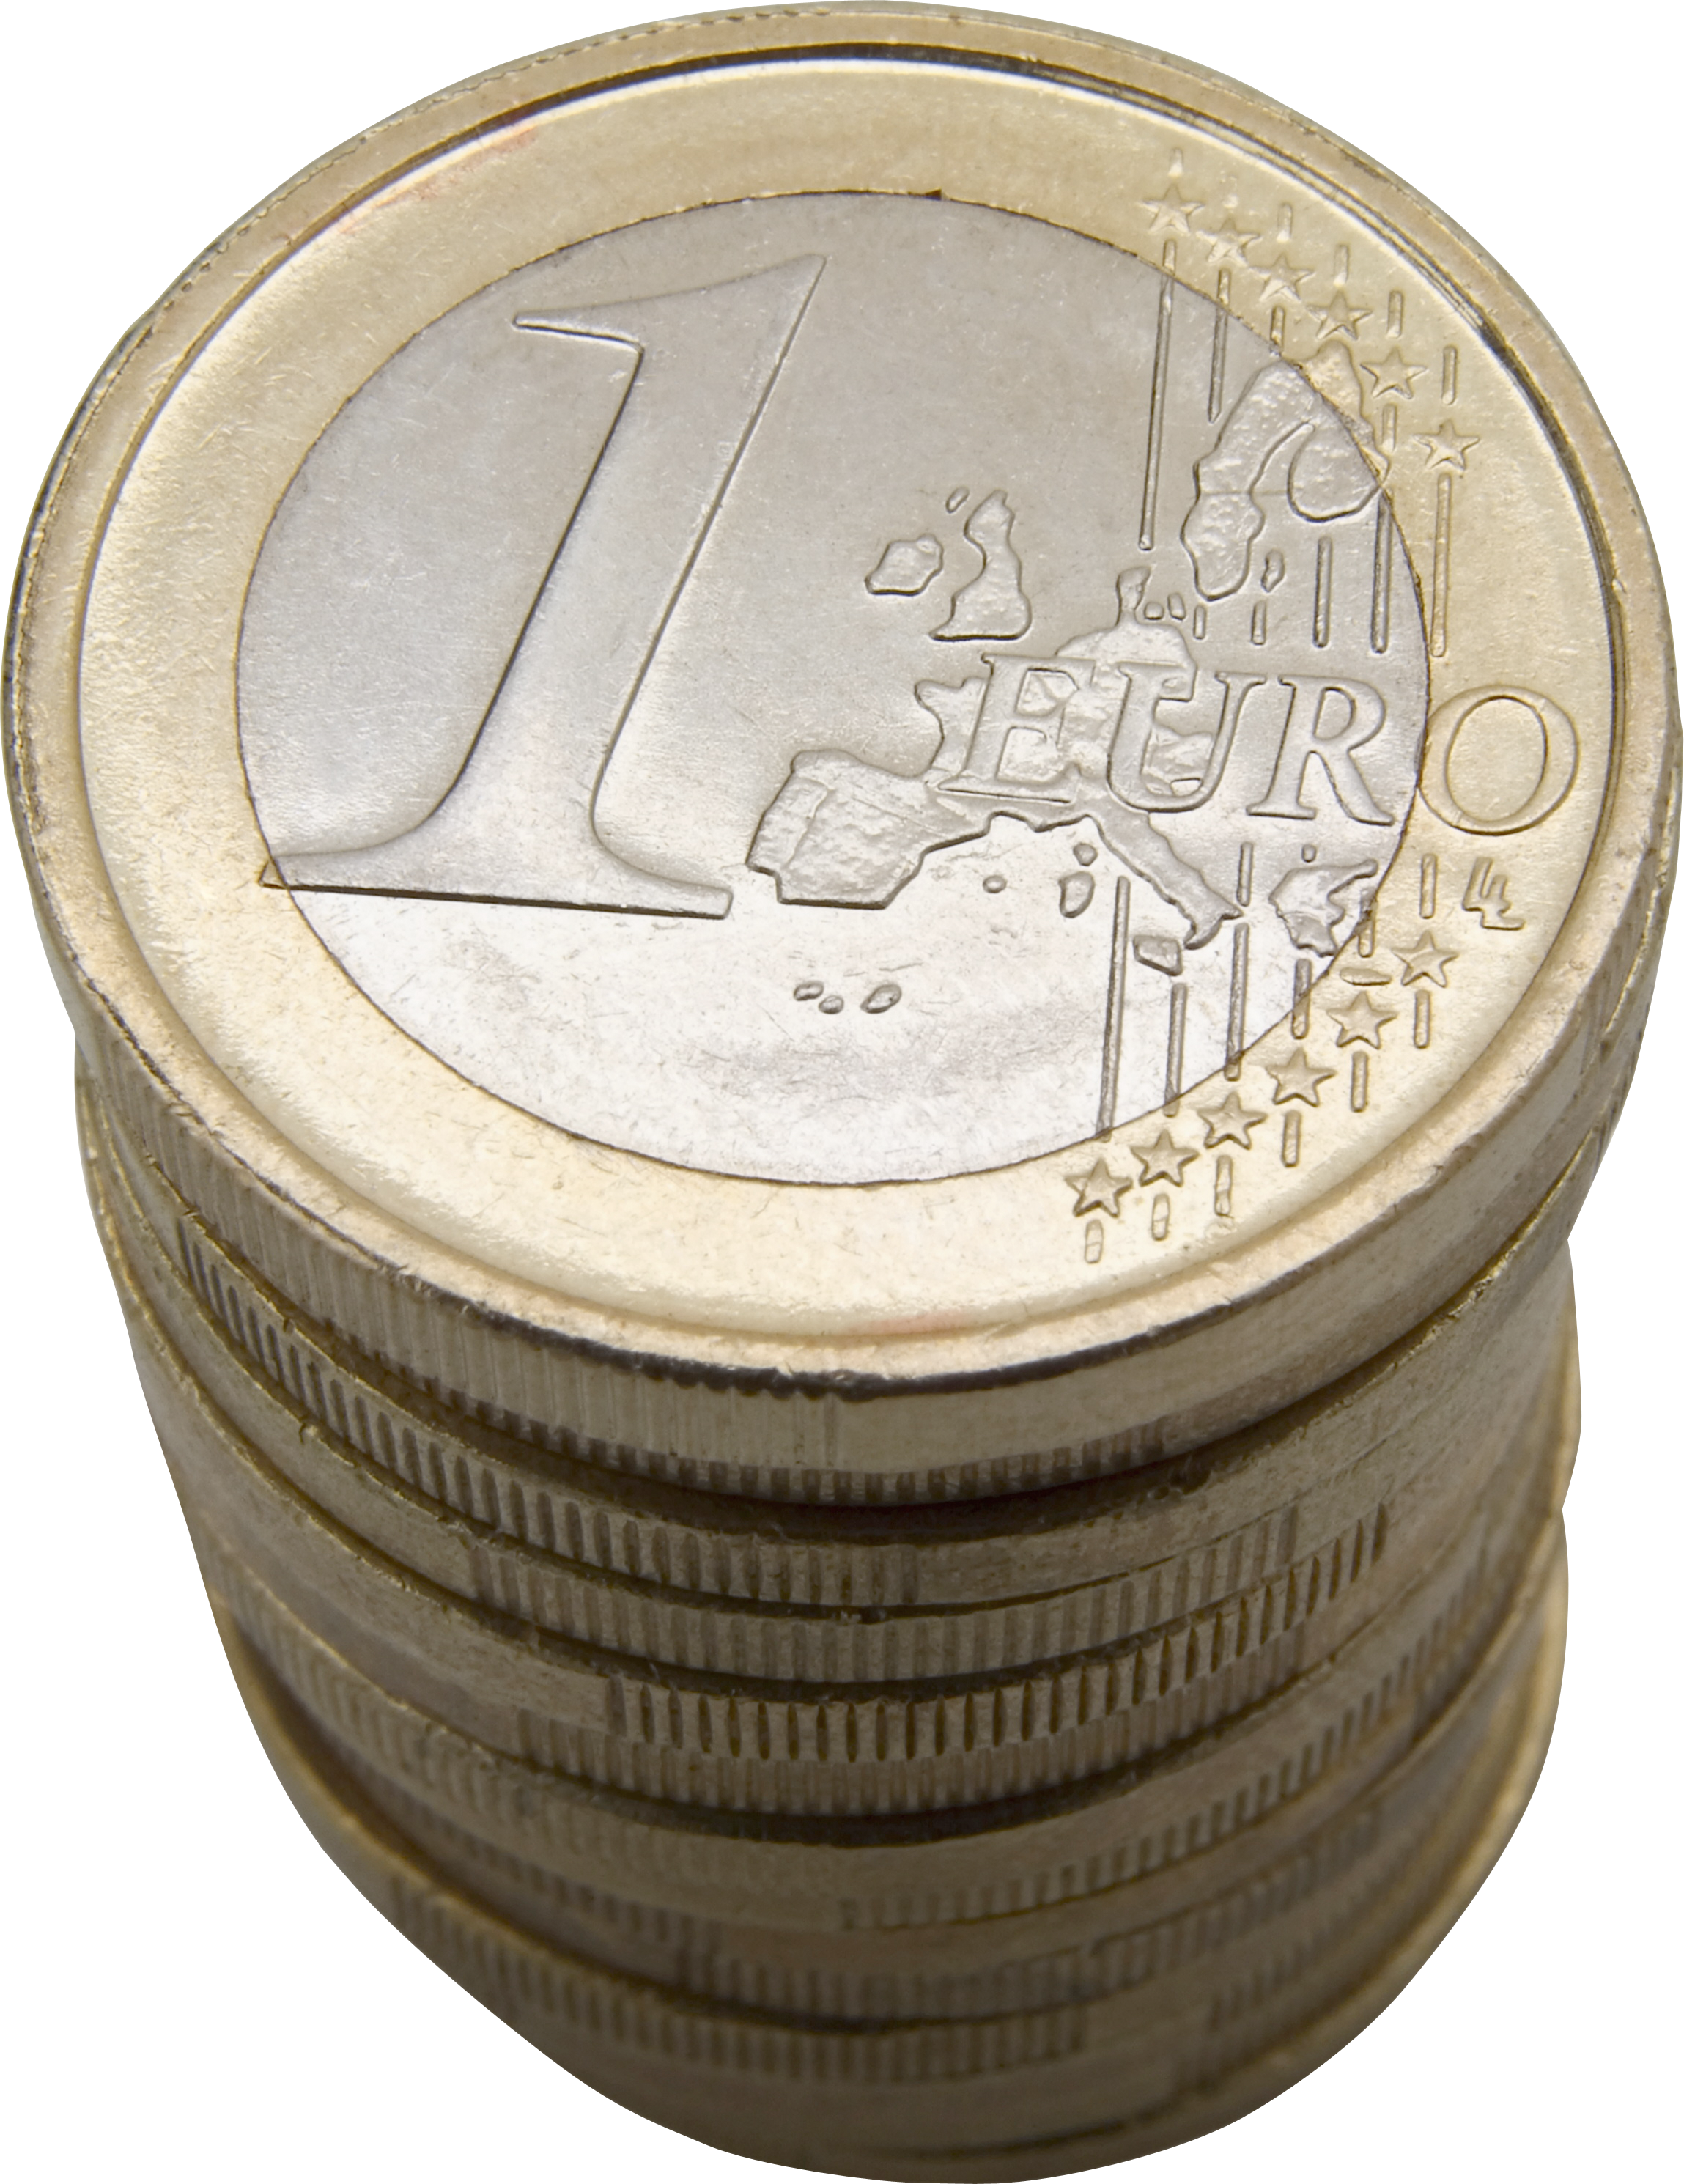 Economy money coin